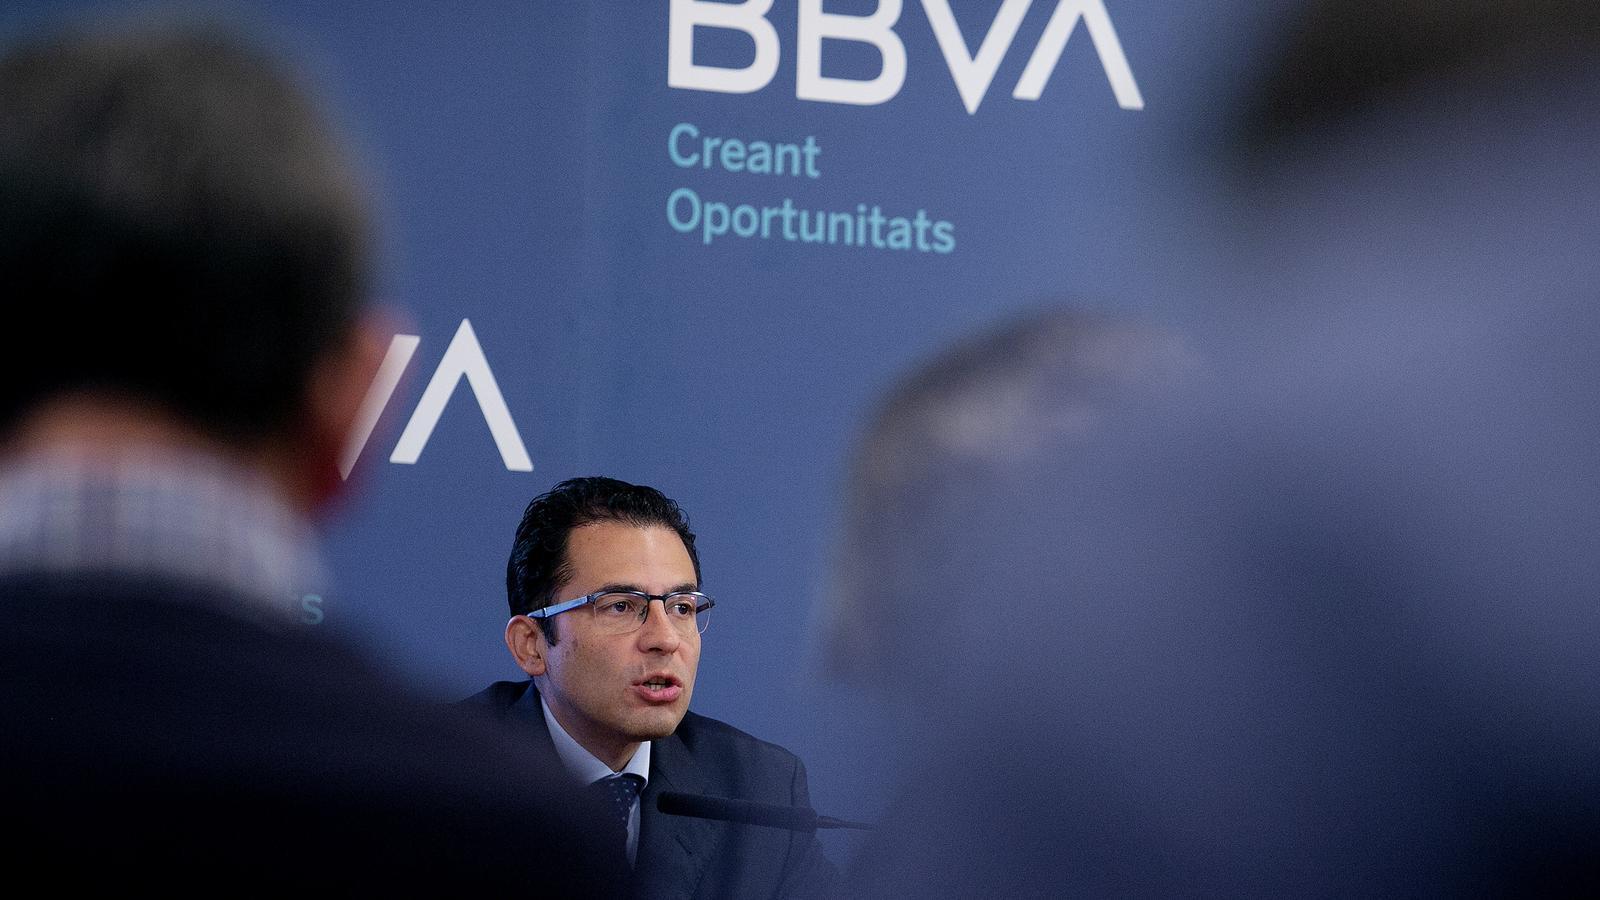 Roda de premsa de presentació de l'informe BBVA